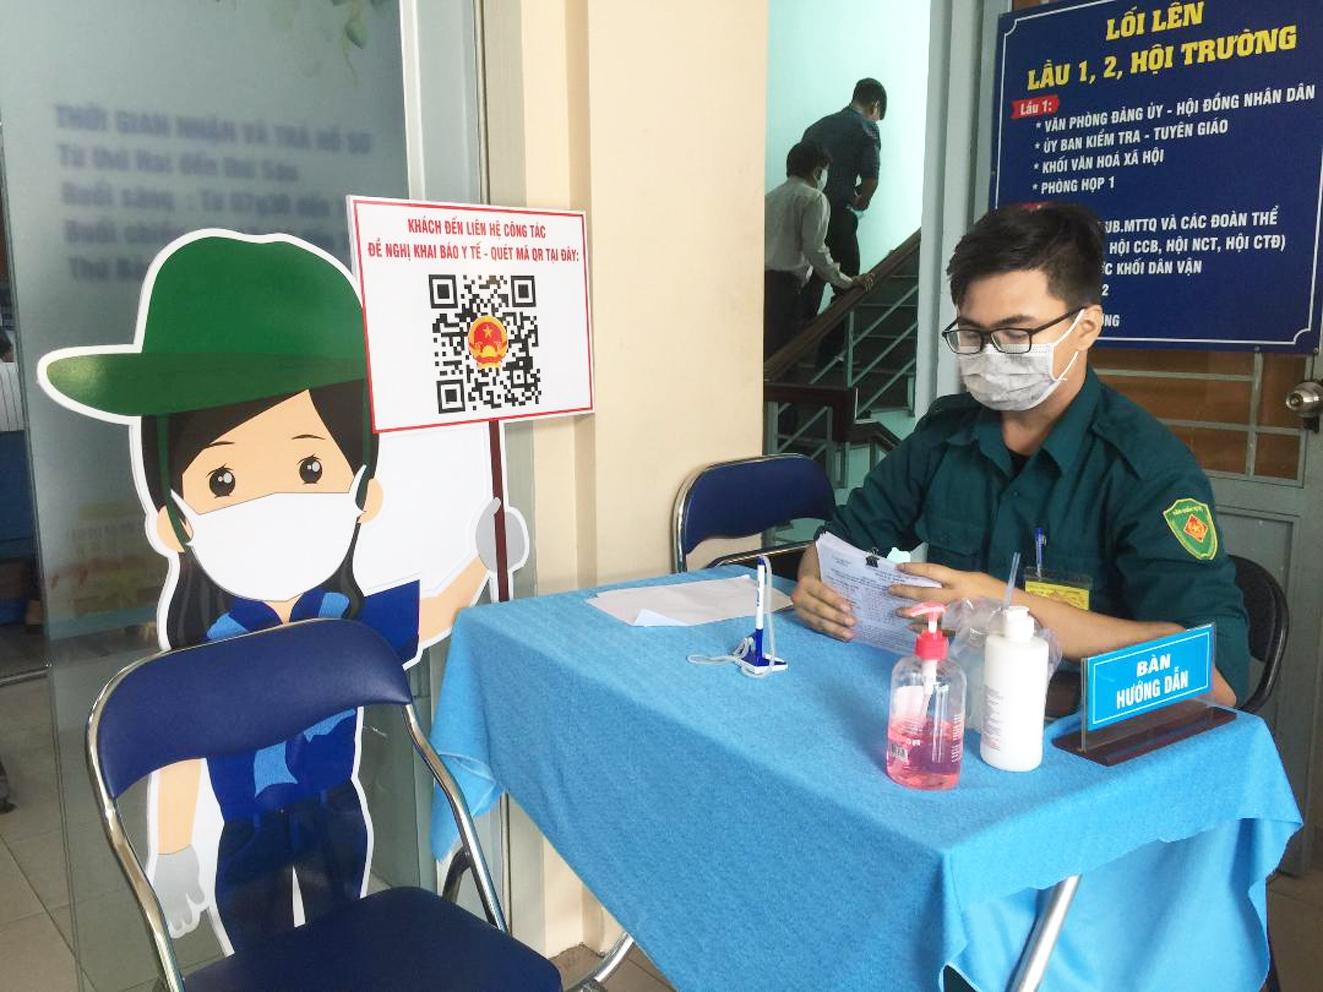 Các bạn trẻ tình nguyện tham gia hỗ trợ công tác phòng, chống dịch ở nhiều nơi tại TP.HCM